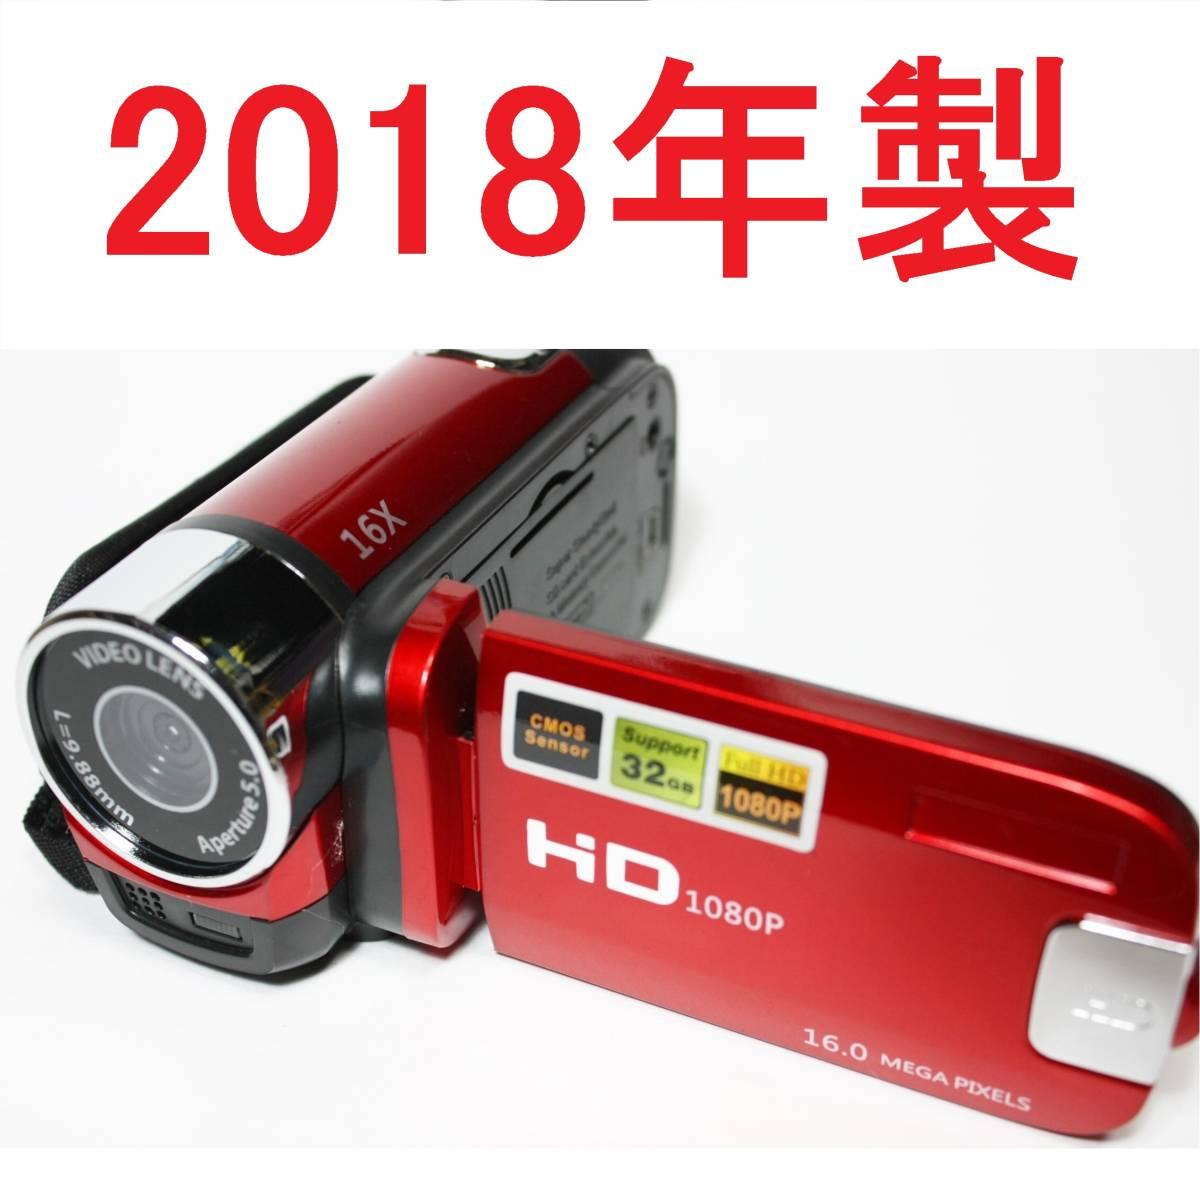 1円 新品 日本語 デジタルビデオカメラ 1080P LCD 2018年製 パナソニック JVC ソニー より安価 SDカード パソコン 新製品 スポーツ b